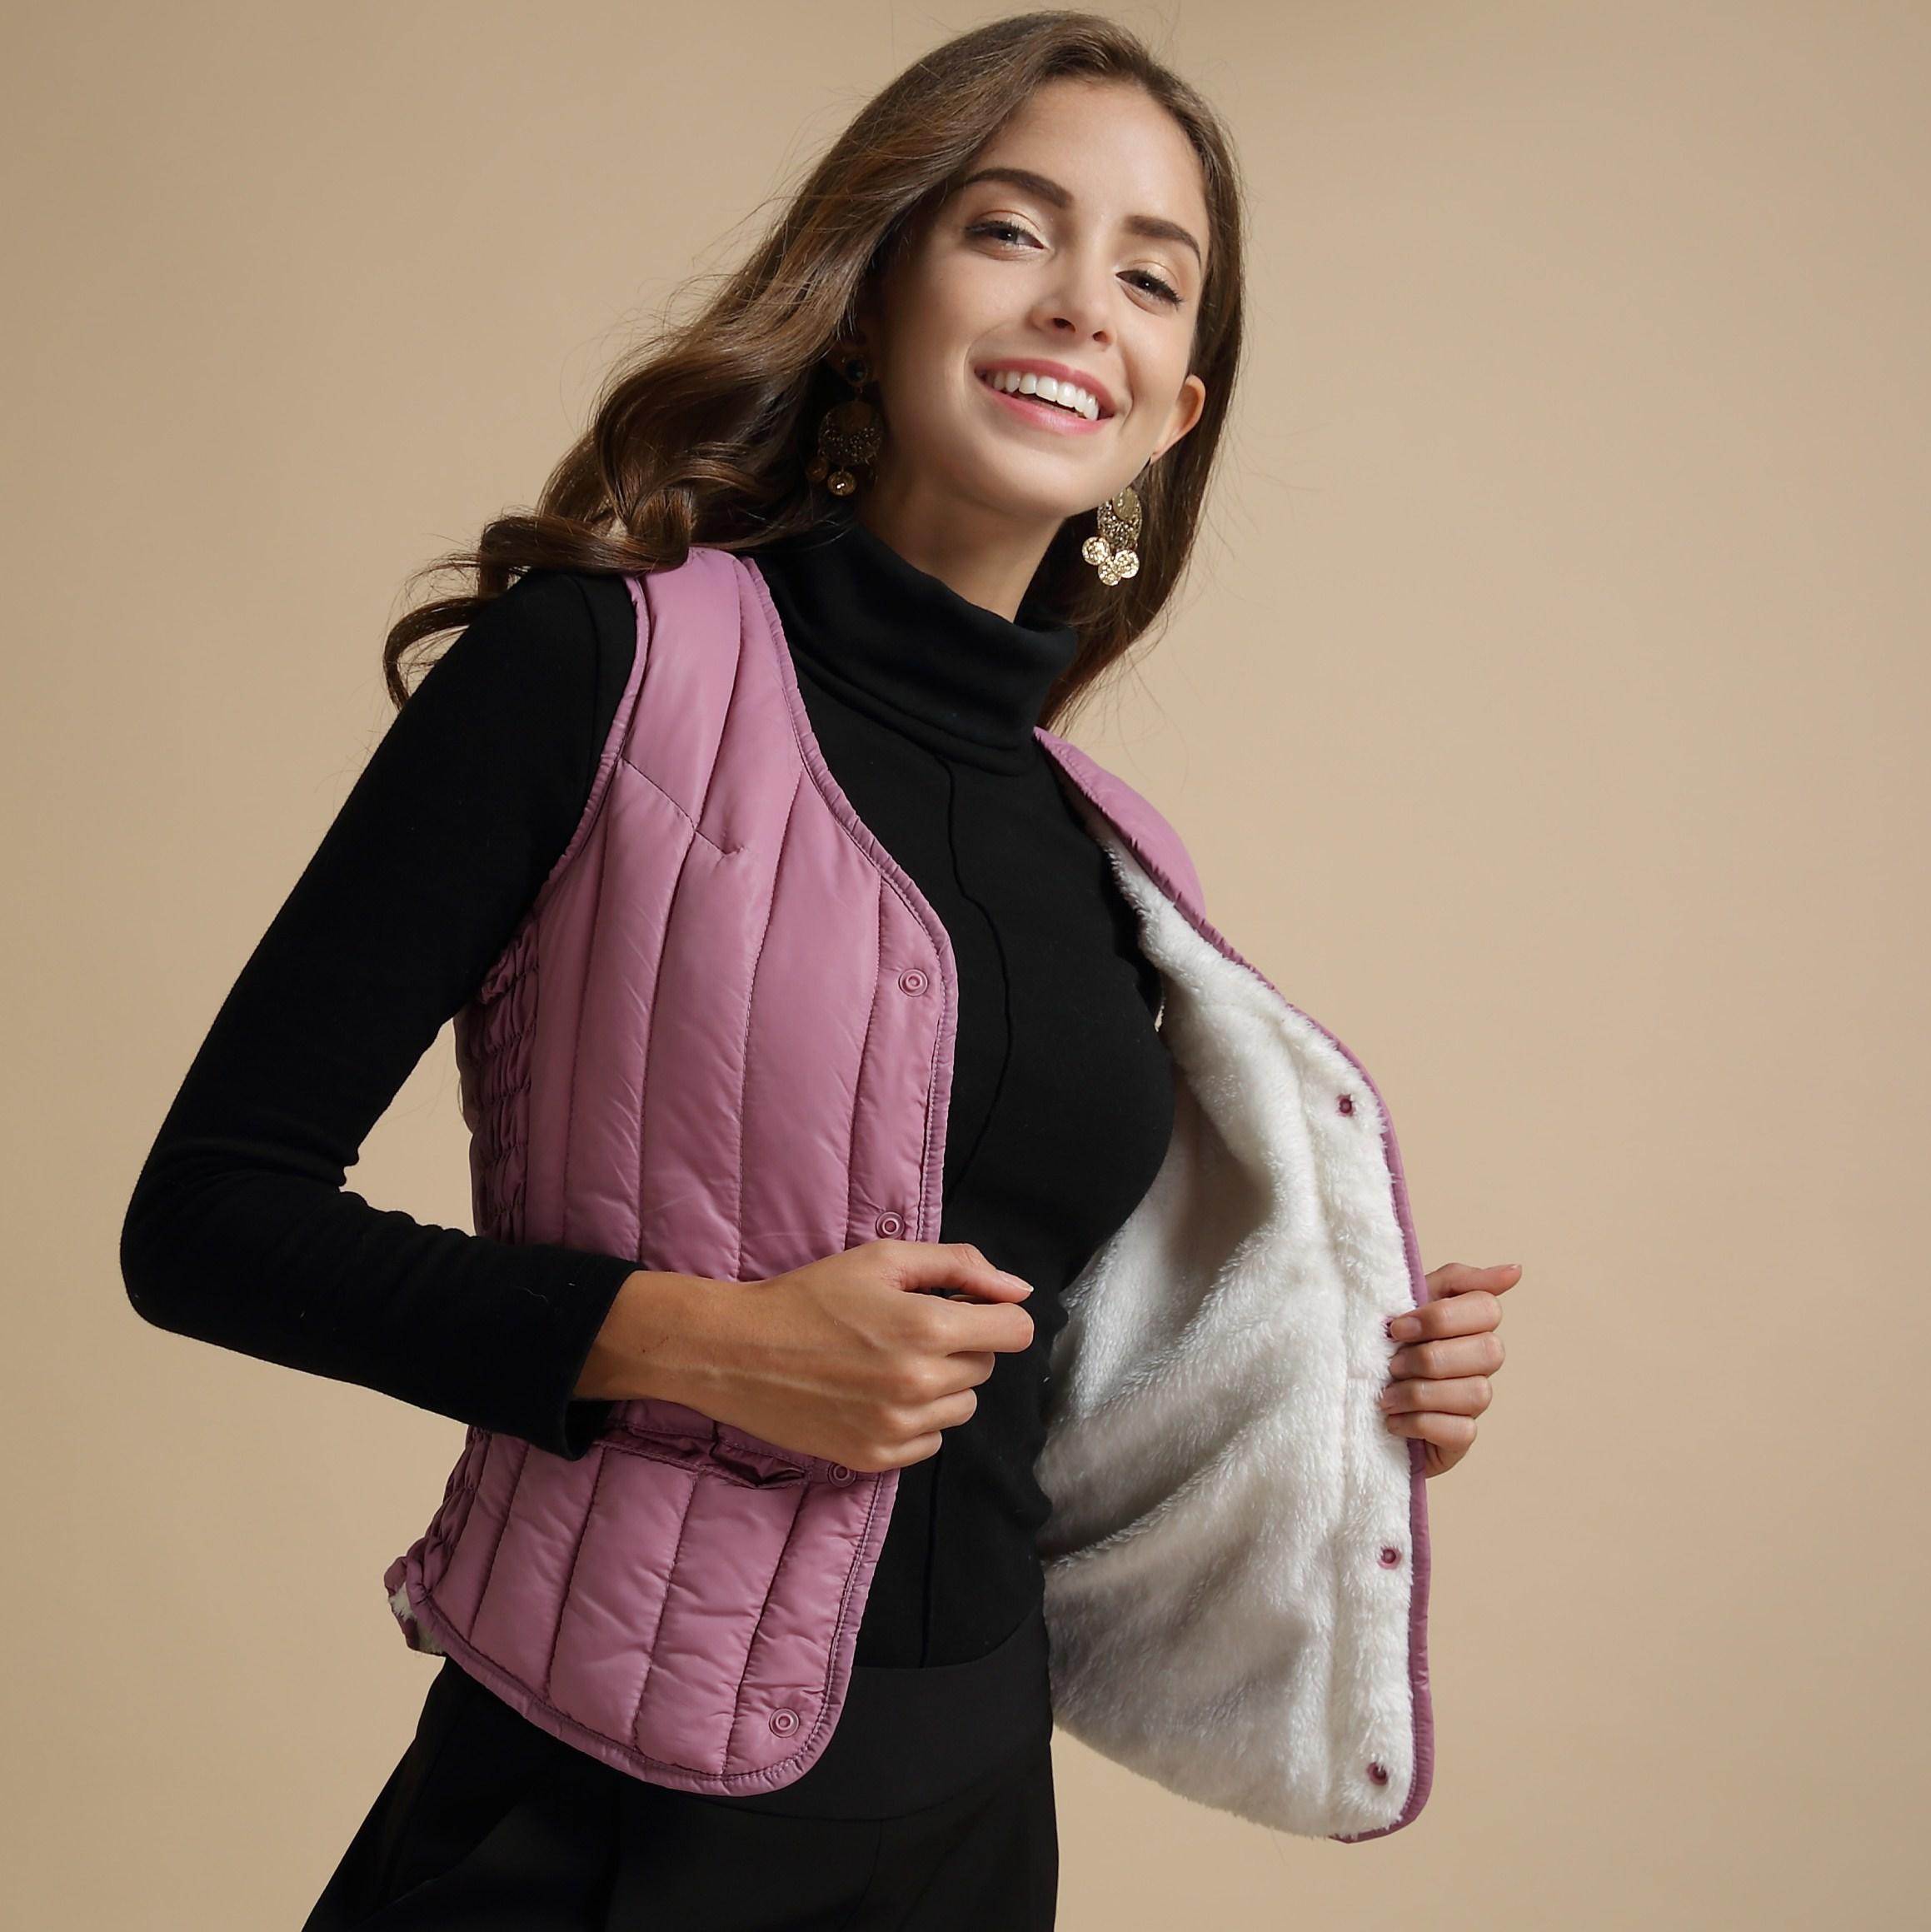 冬季保暖加绒加厚马甲女短款羽绒棉背心女羊羔绒打底内穿修身韩版